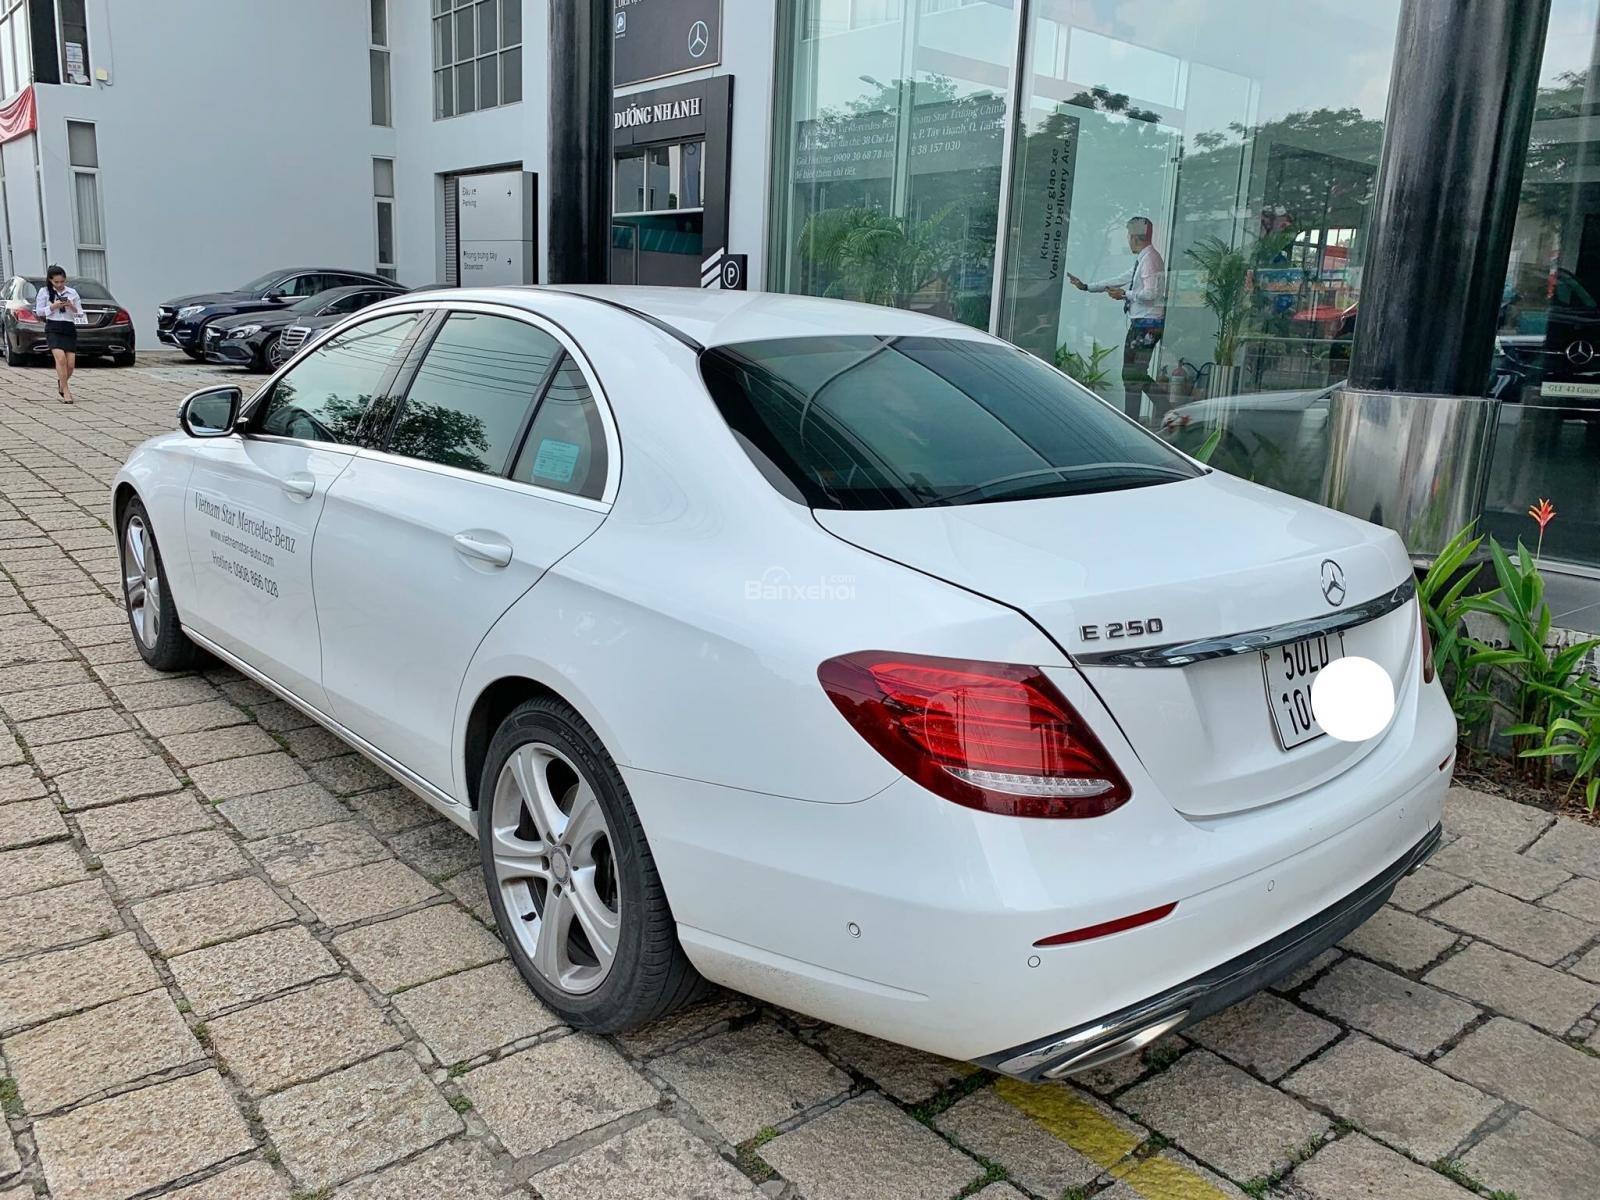 Bán Mercedes E250 2017 trắng đi 6000km, xe còn rất mới, bao test hãng tiết kiệm 500 triệu so với xe mới-2